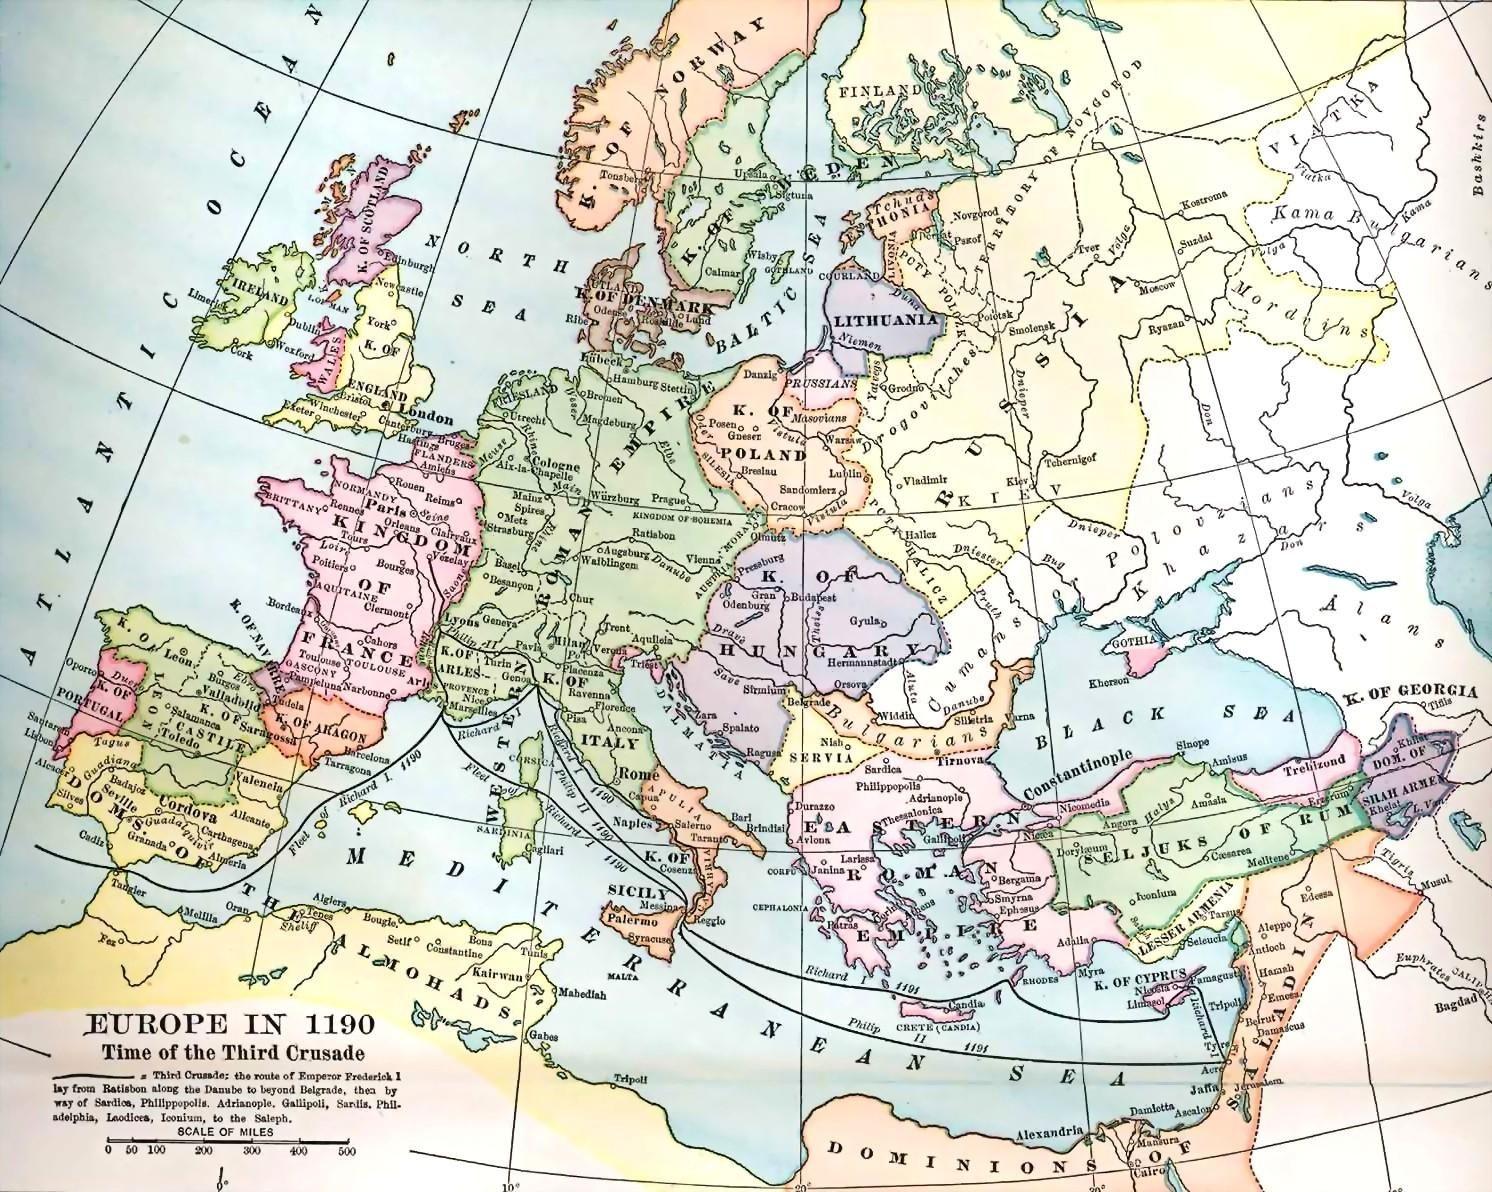 World Map Assignment.A Map Assignment The Crusades Mr Brunken S Online Classroom